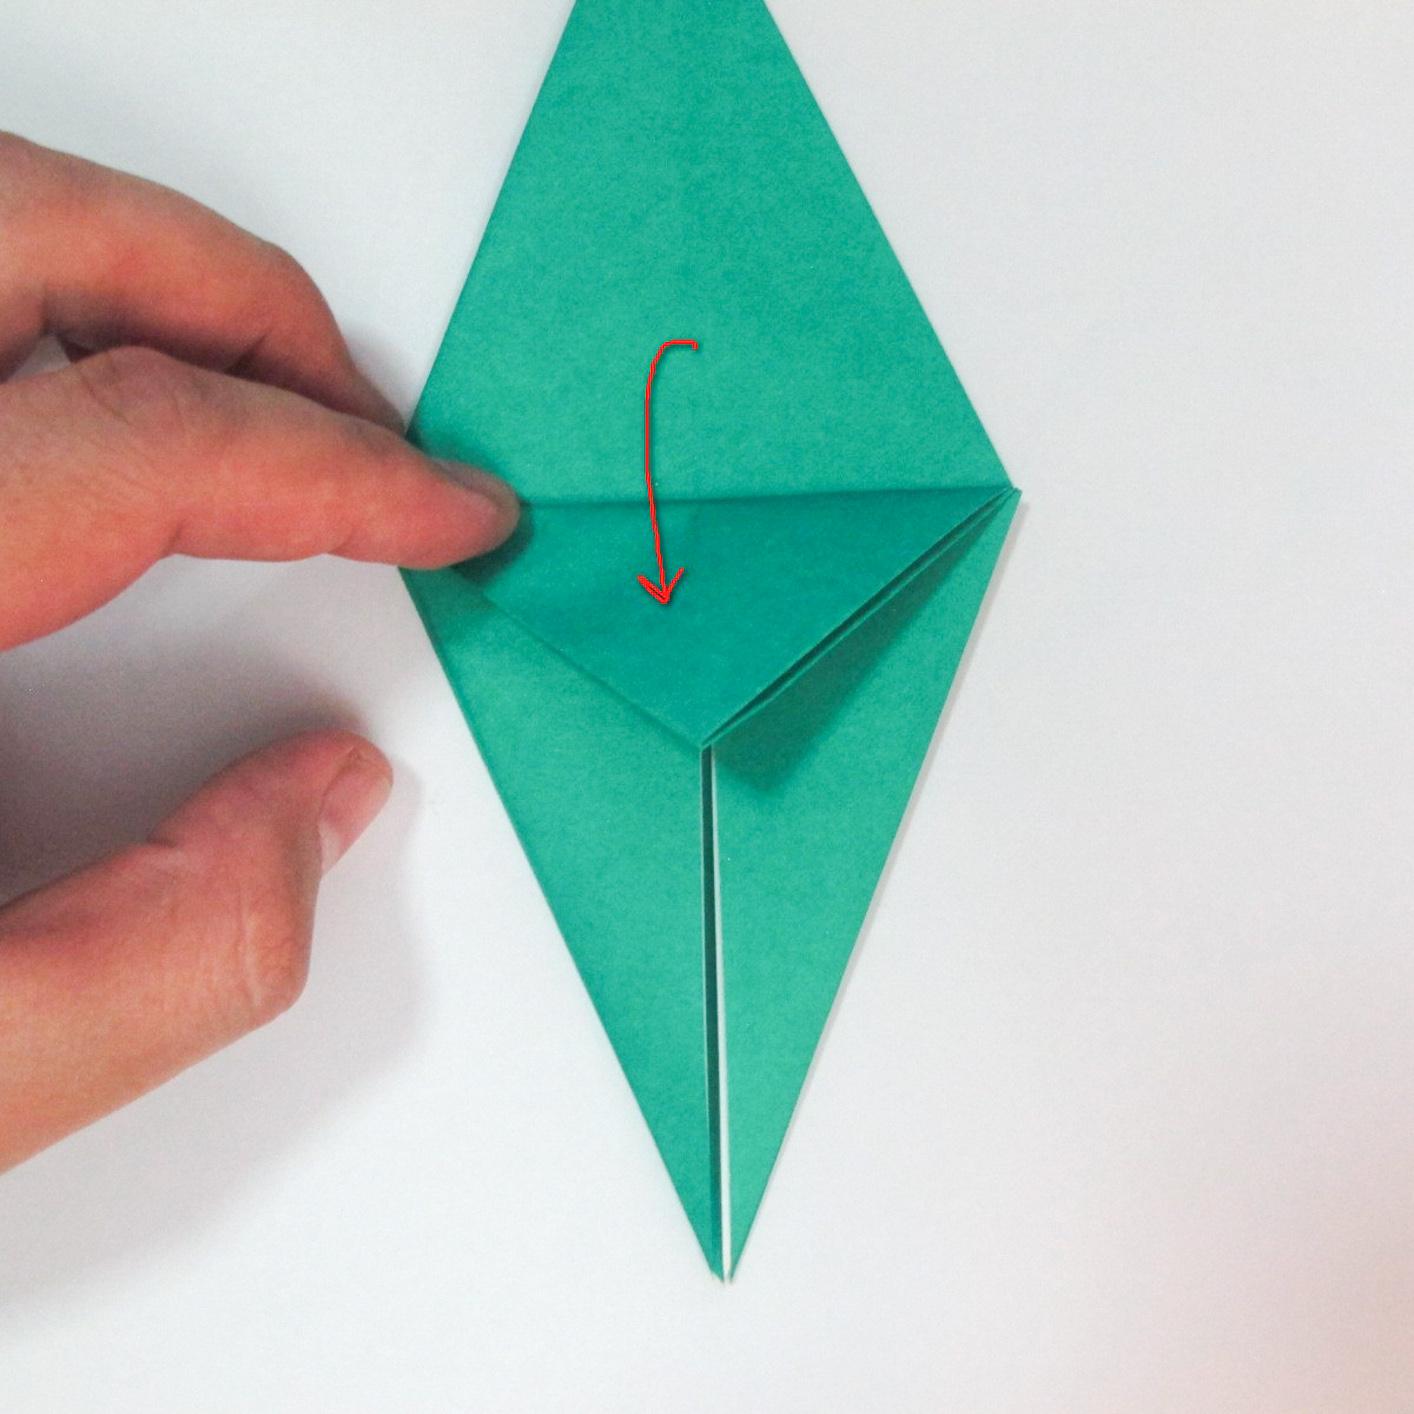 สอนวิธีการพับกระดาษเป็นรูปปลาฉลาม (Origami Shark) 014